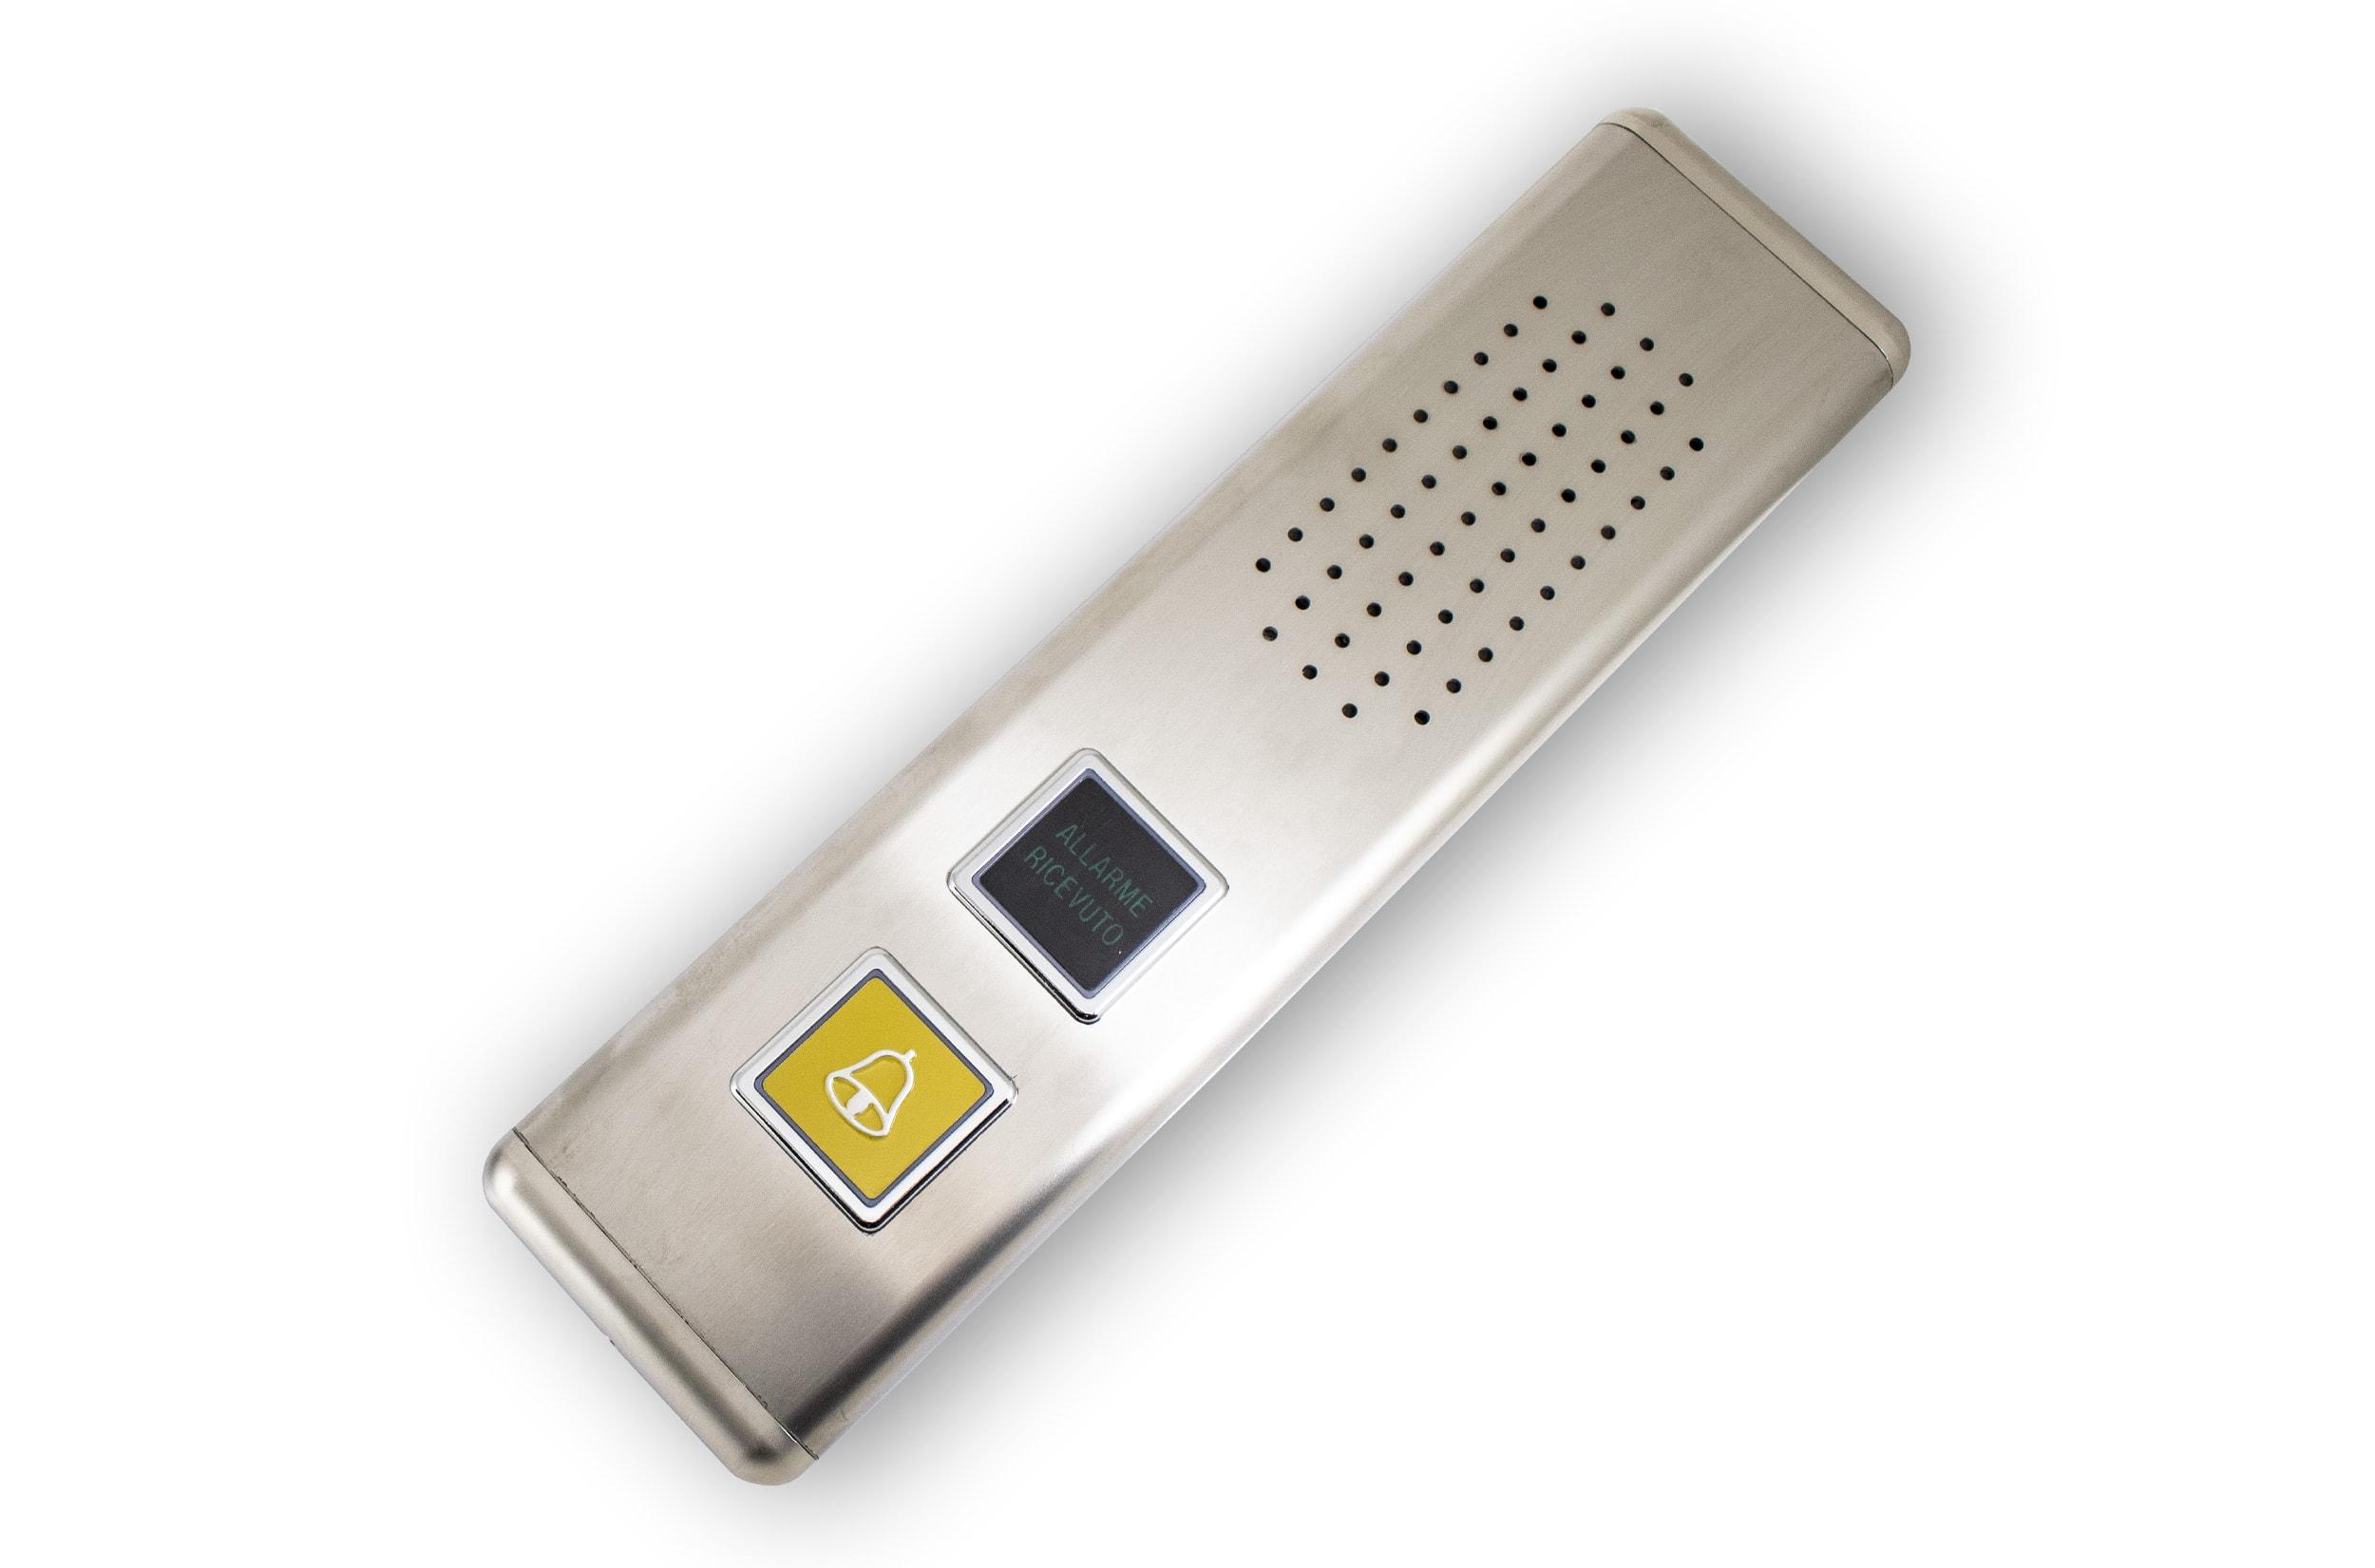 Pulsantiera di cabina con vivavoce porter, pulsante campanella e segnale di allarme ricevuto